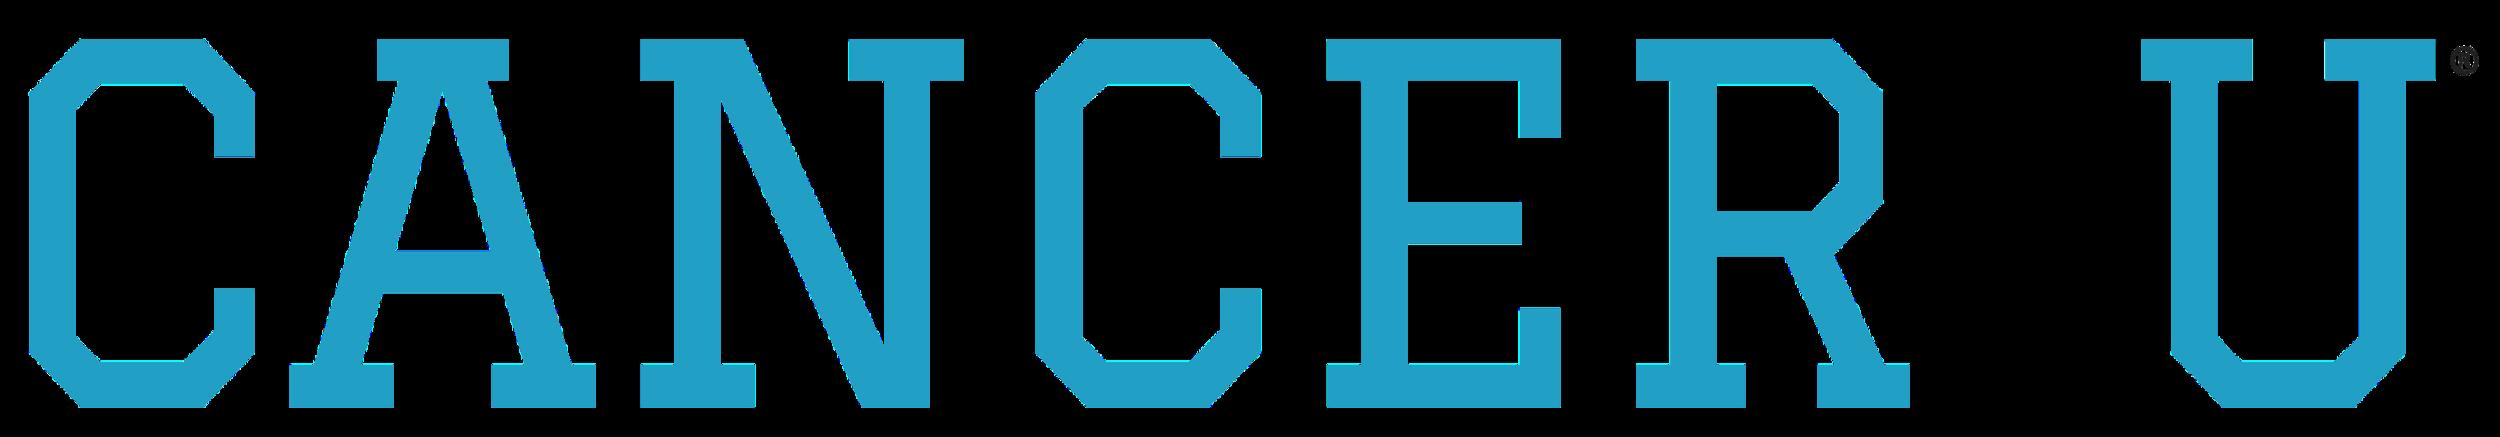 Cancer U main logo_clearbg_MED.png